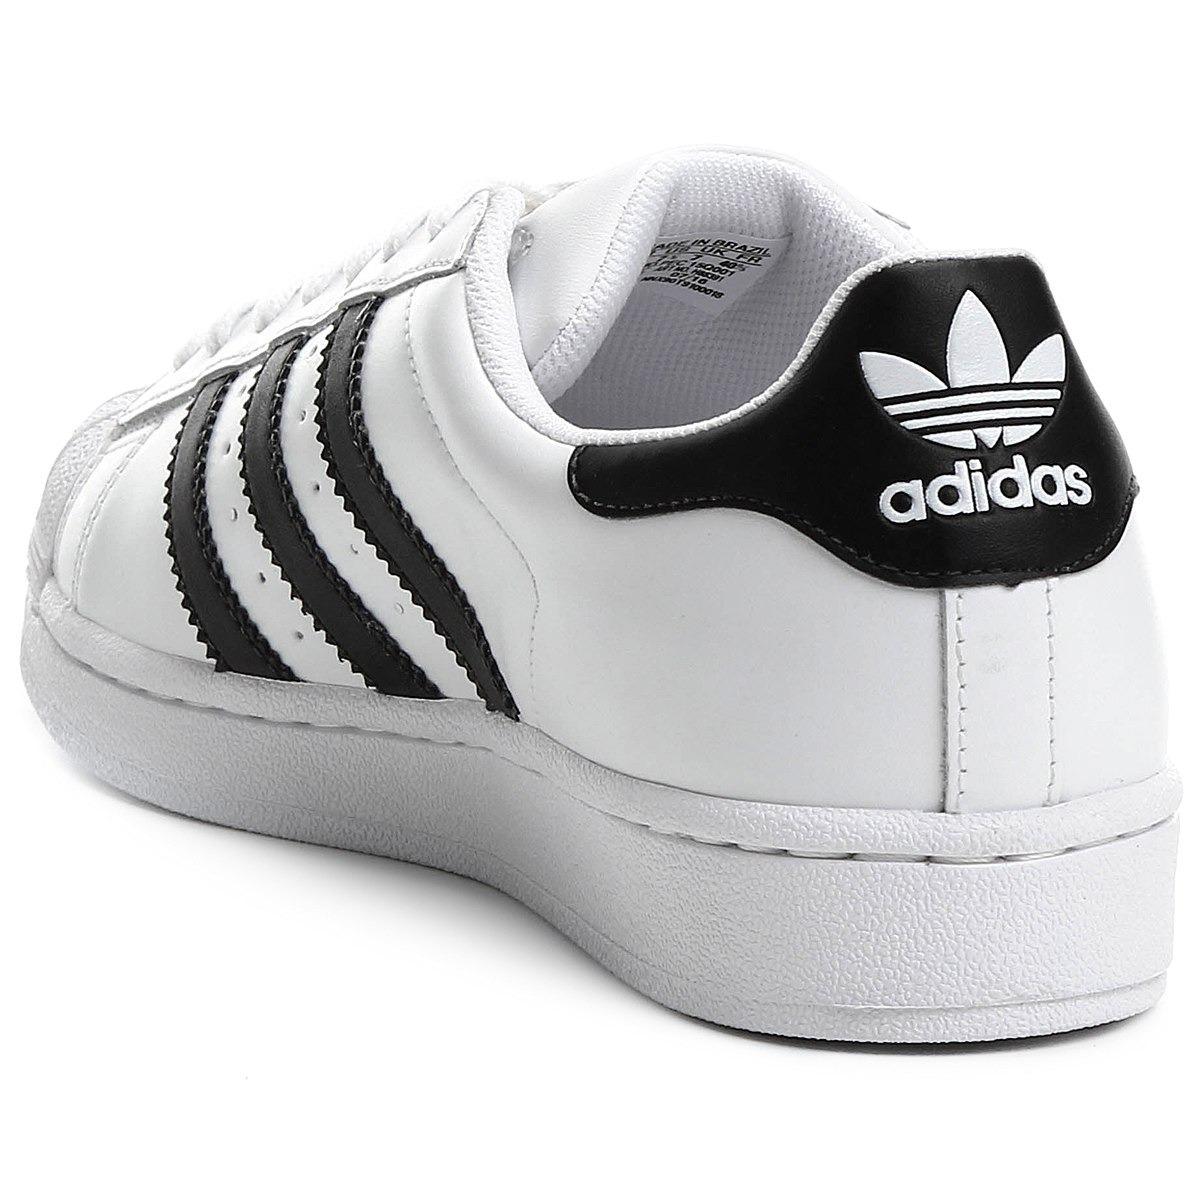 ... 217d794ff51 Tênis adidas Superstar Originals Feminino Masculino - R  200 4349c572759a1